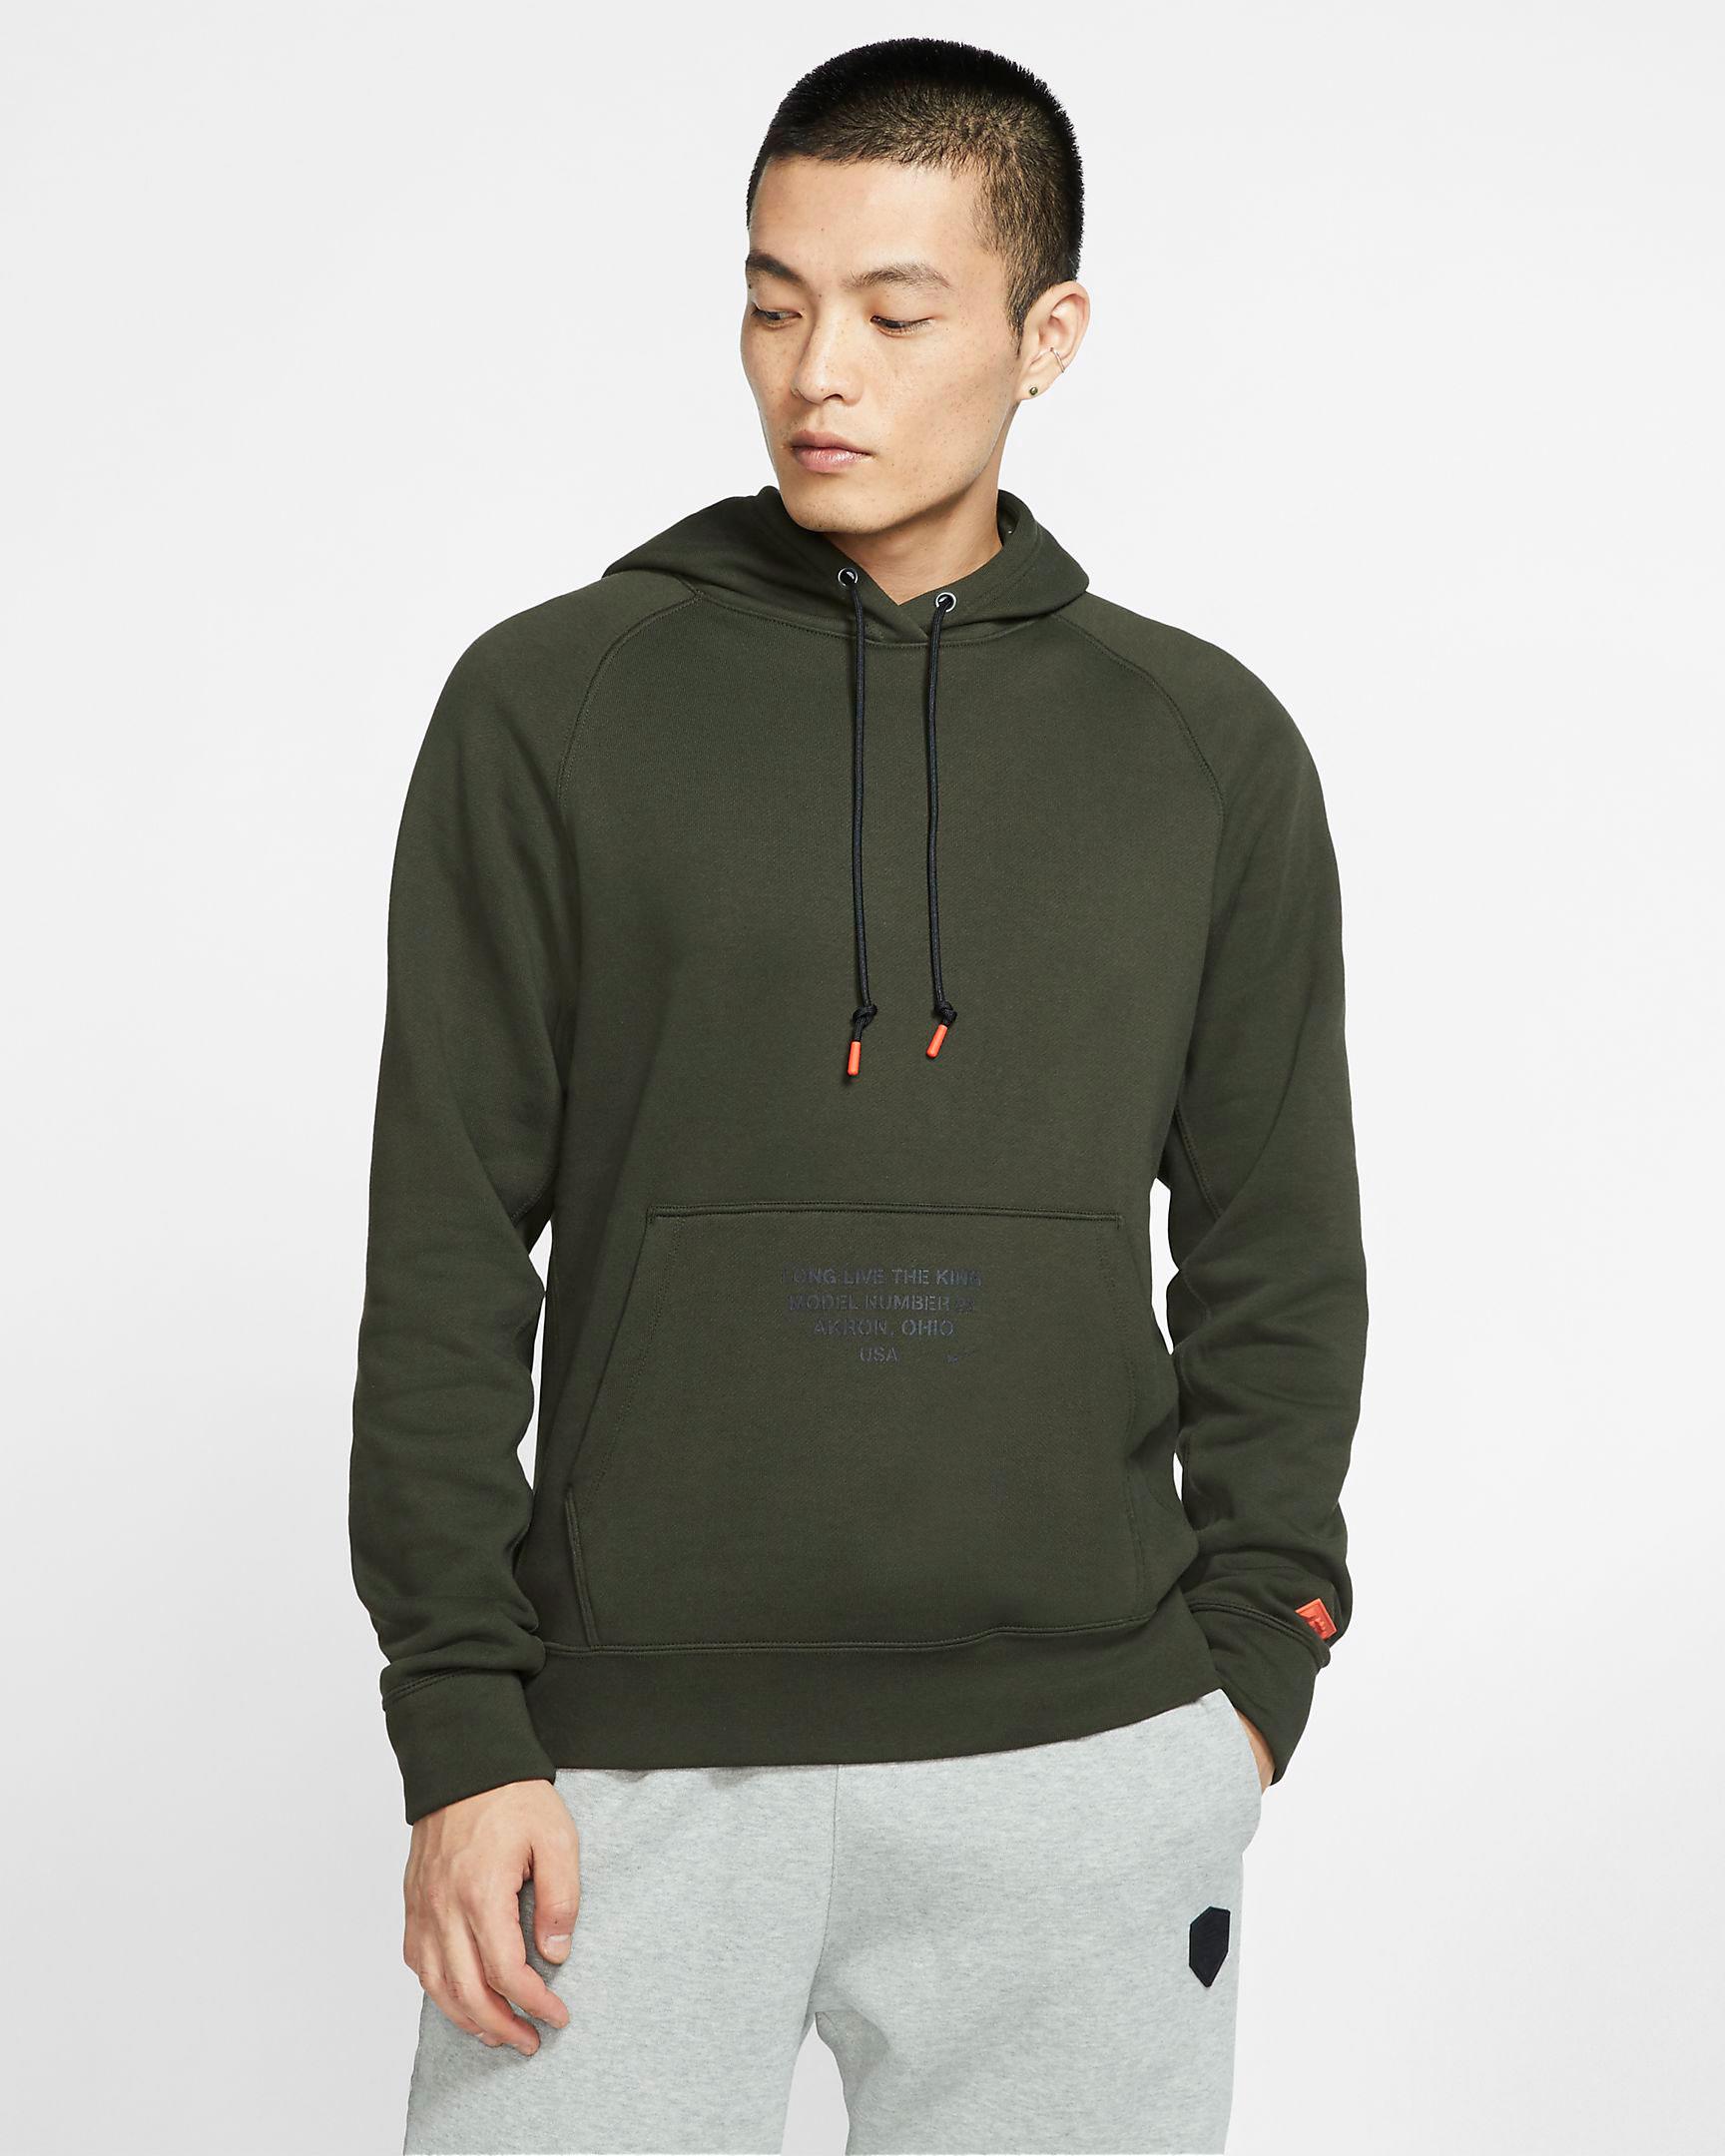 nike-lebron-17-hoodie-green-1